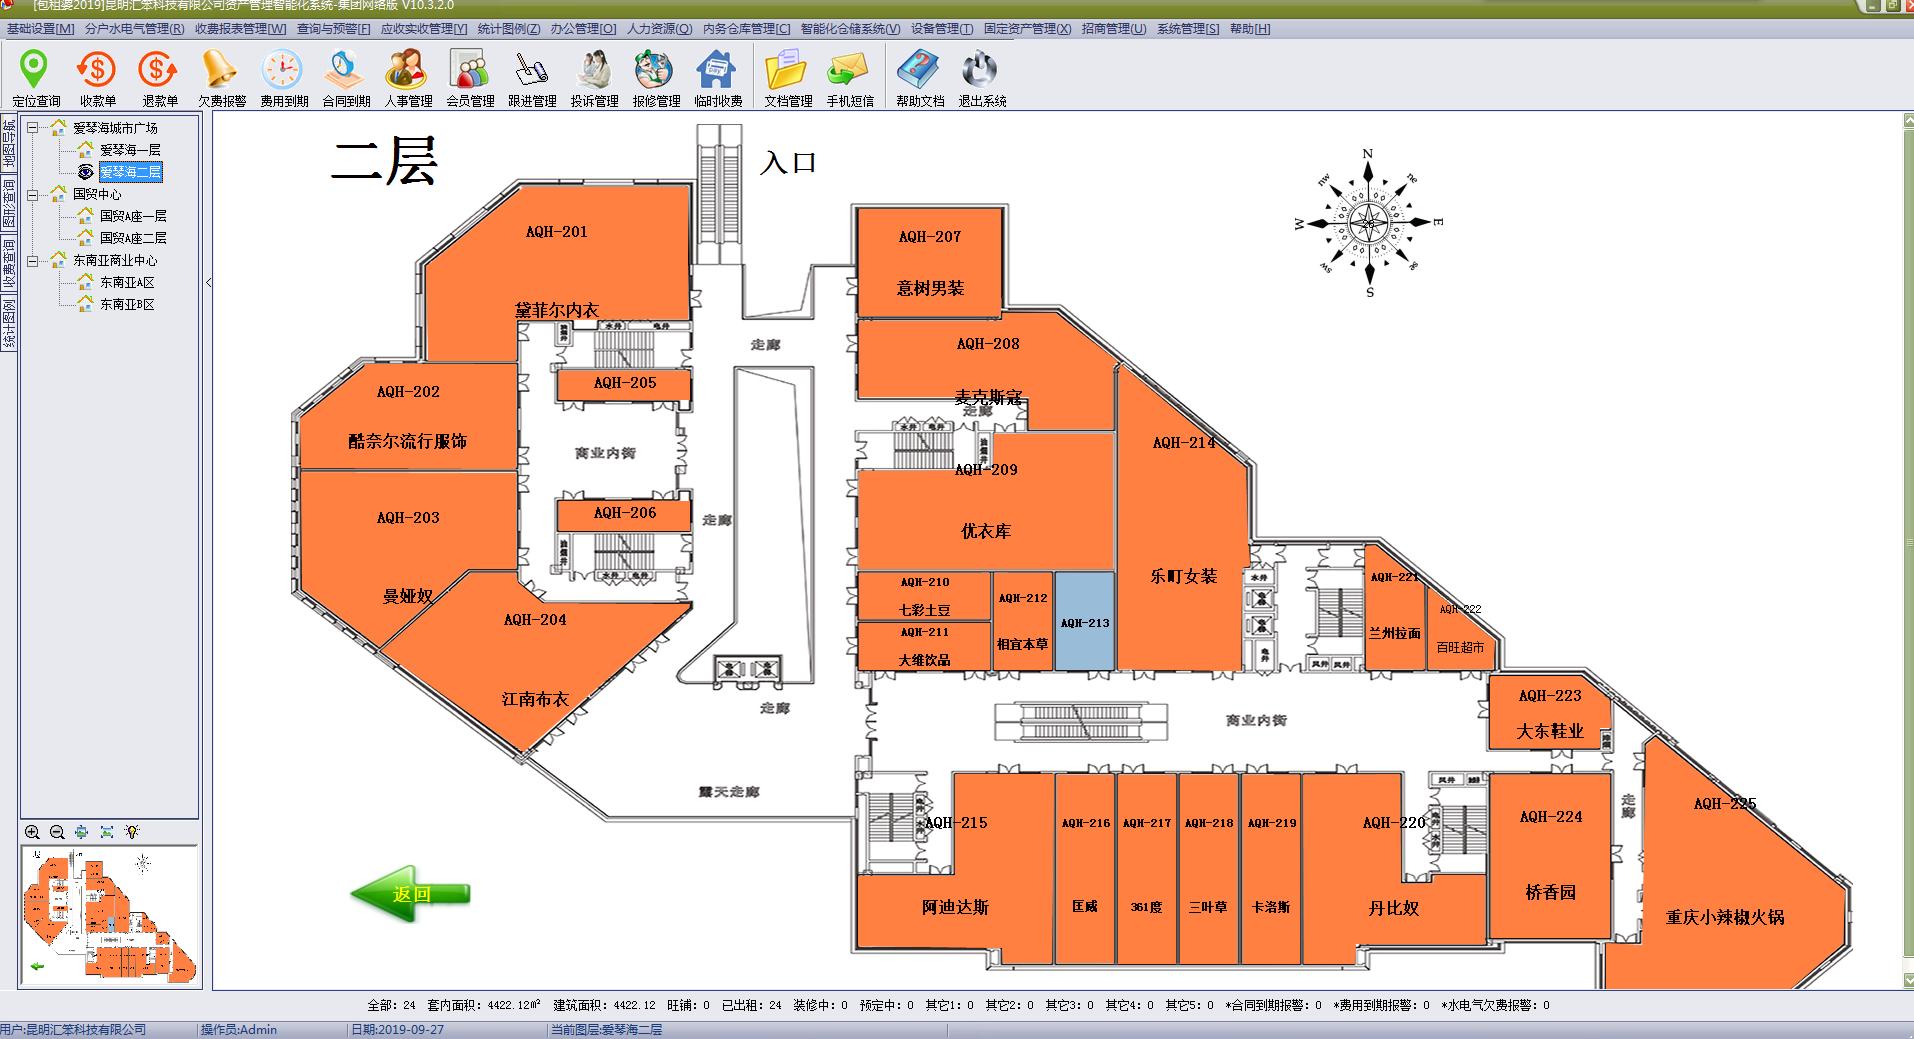 商业租赁综合管理系统截图4